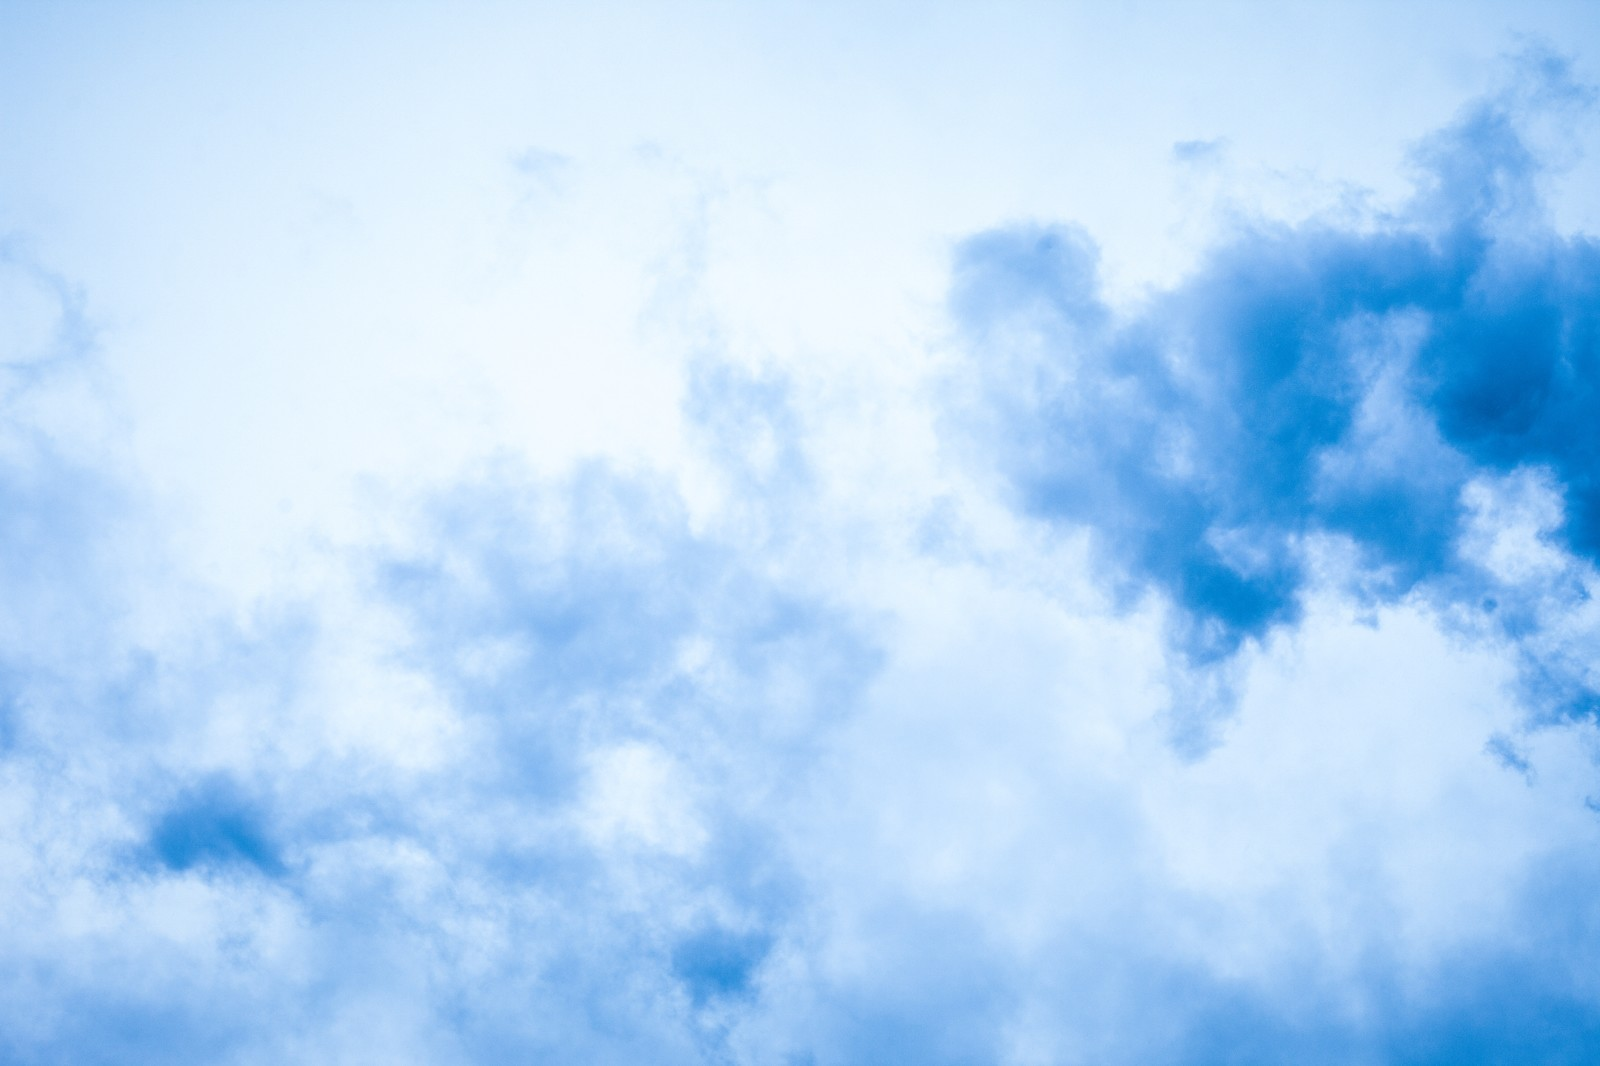 「雲に見えるけどじつは煙り | 写真の無料素材・フリー素材 - ぱくたそ」の写真